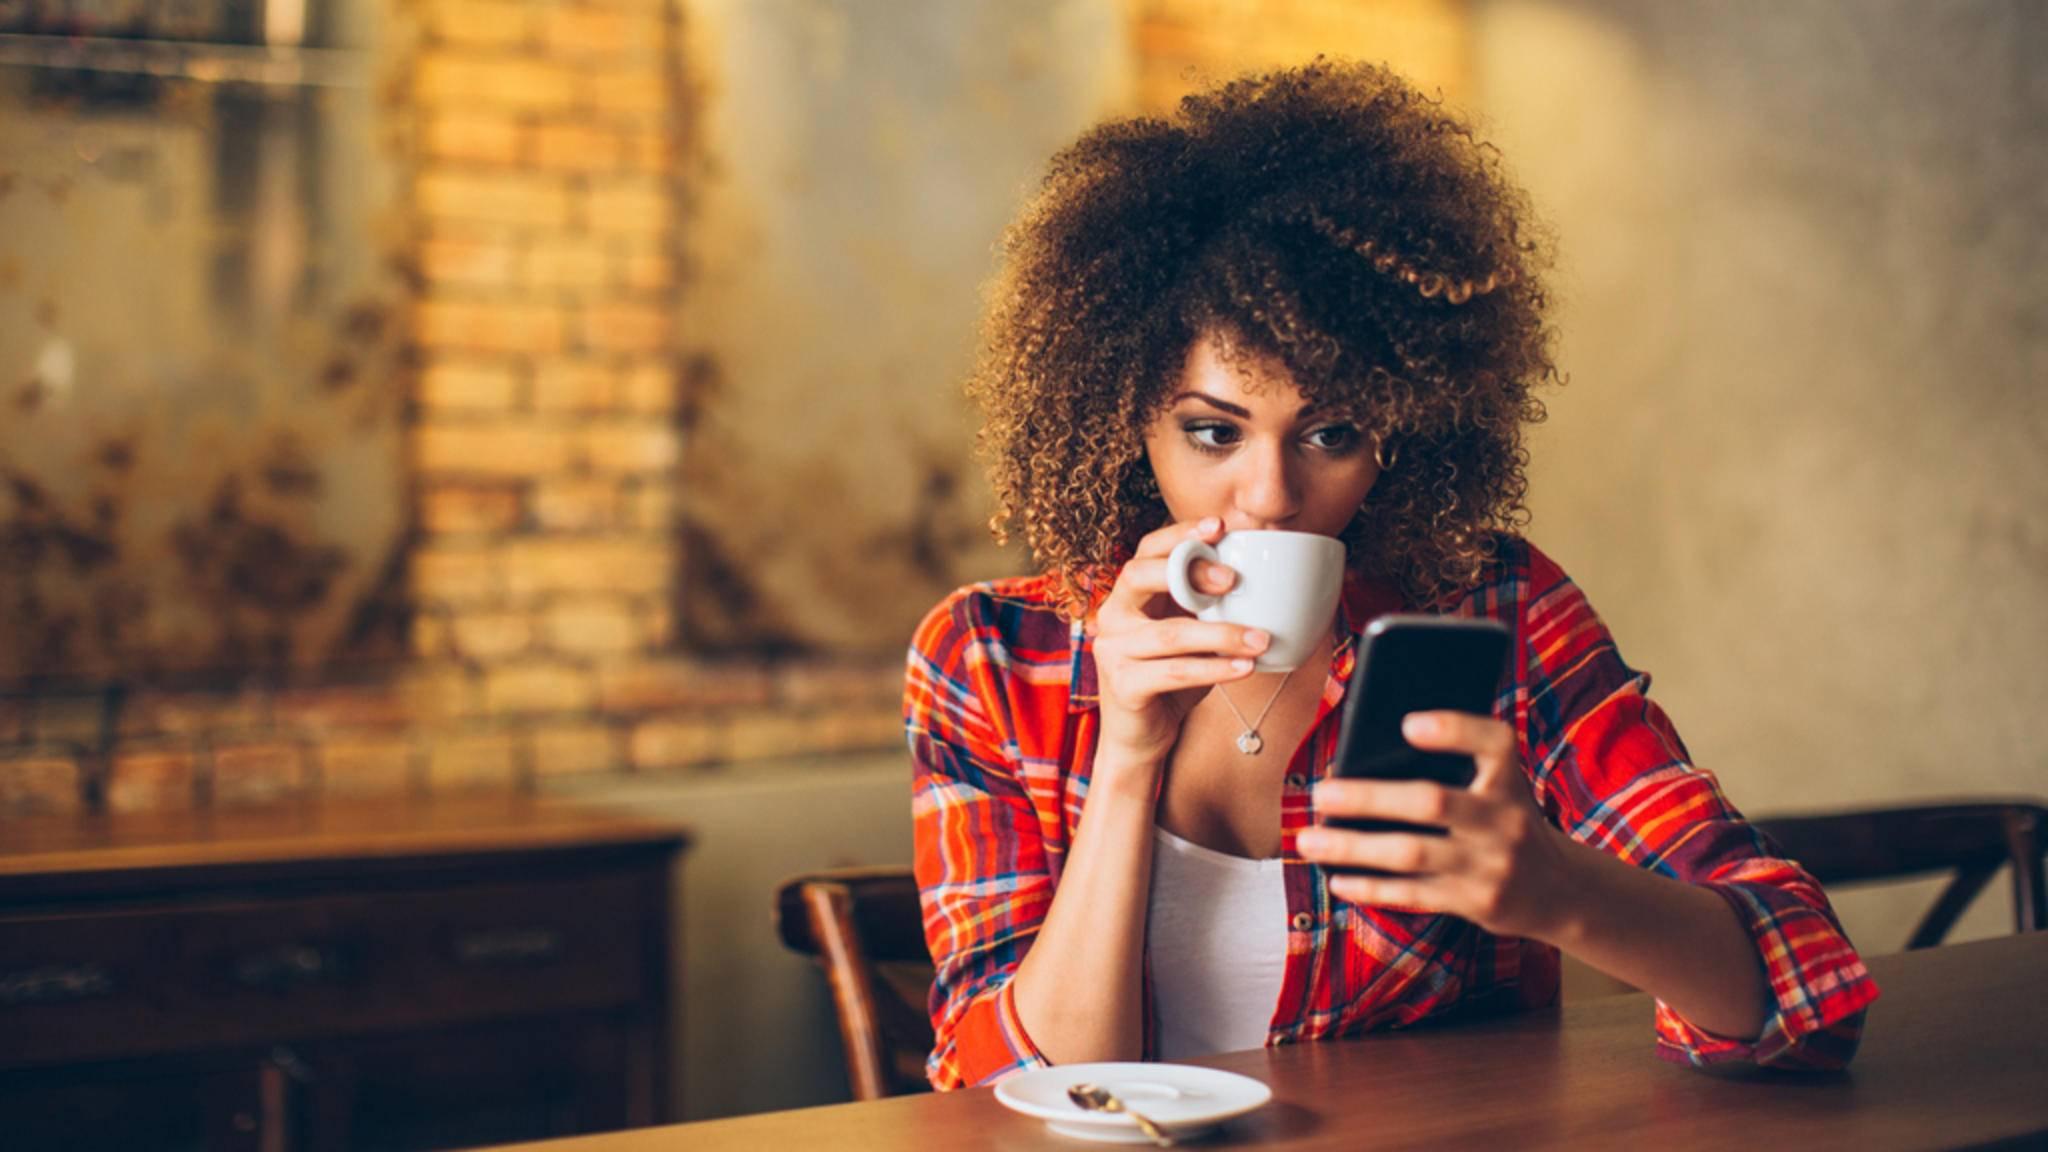 Einige clevere Apps können Dich von der langweiligen Warterei auf das verspätete Date ablenken.